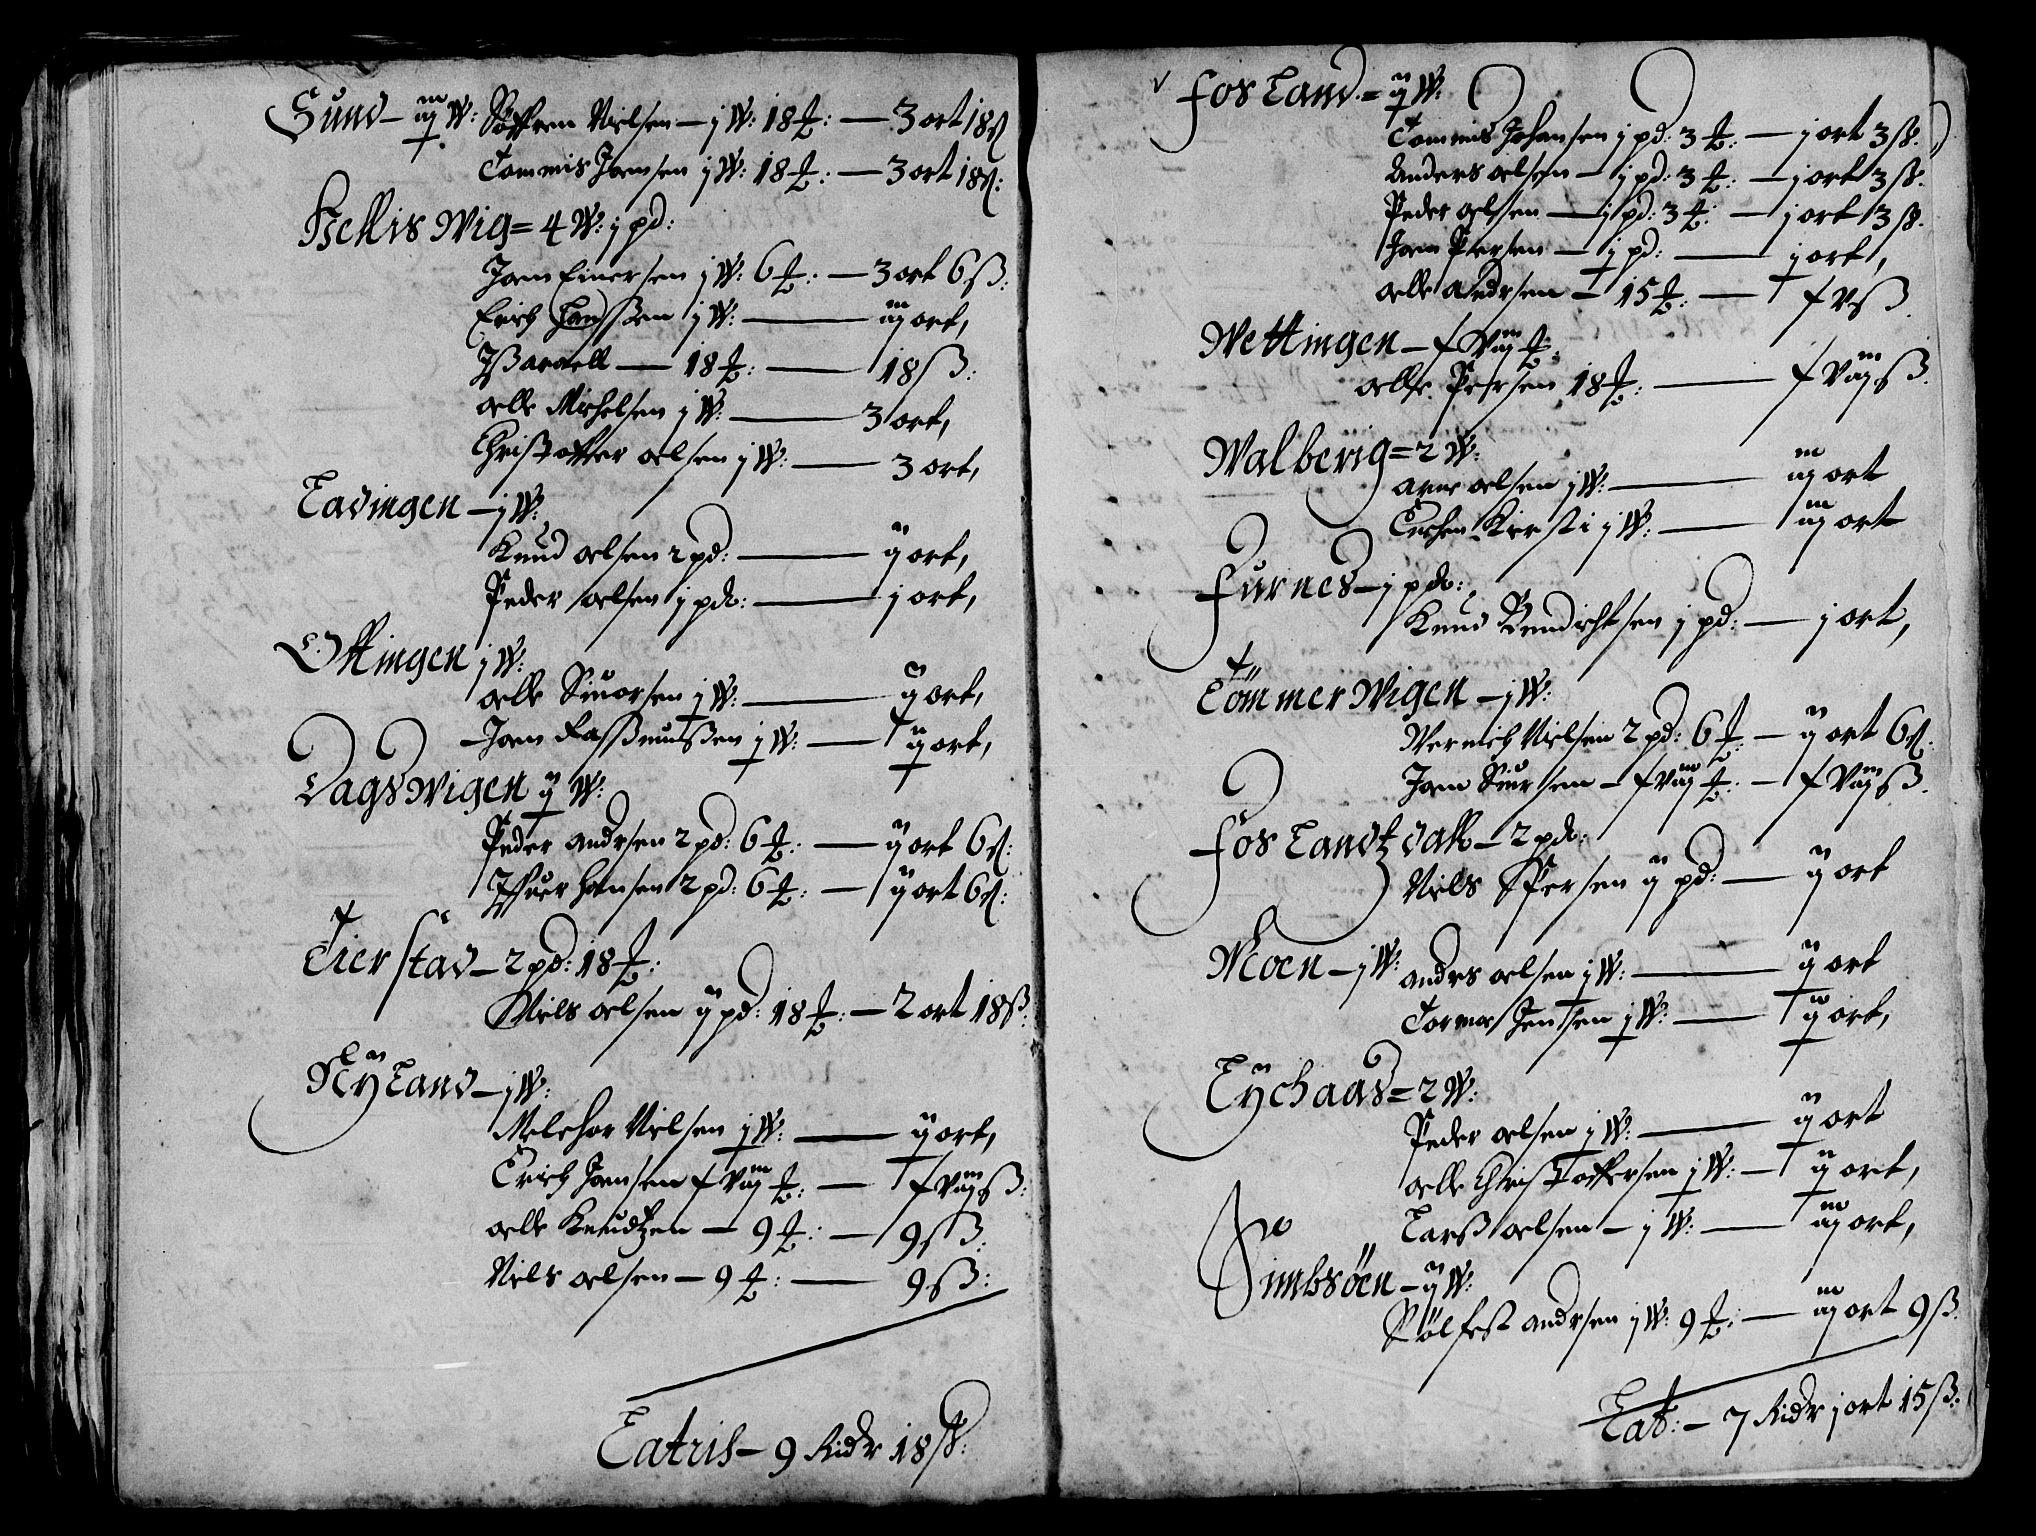 RA, Rentekammeret inntil 1814, Reviderte regnskaper, Lensregnskaper, R/Rb/Rbz/L0042: Nordlandenes len, 1656-1674